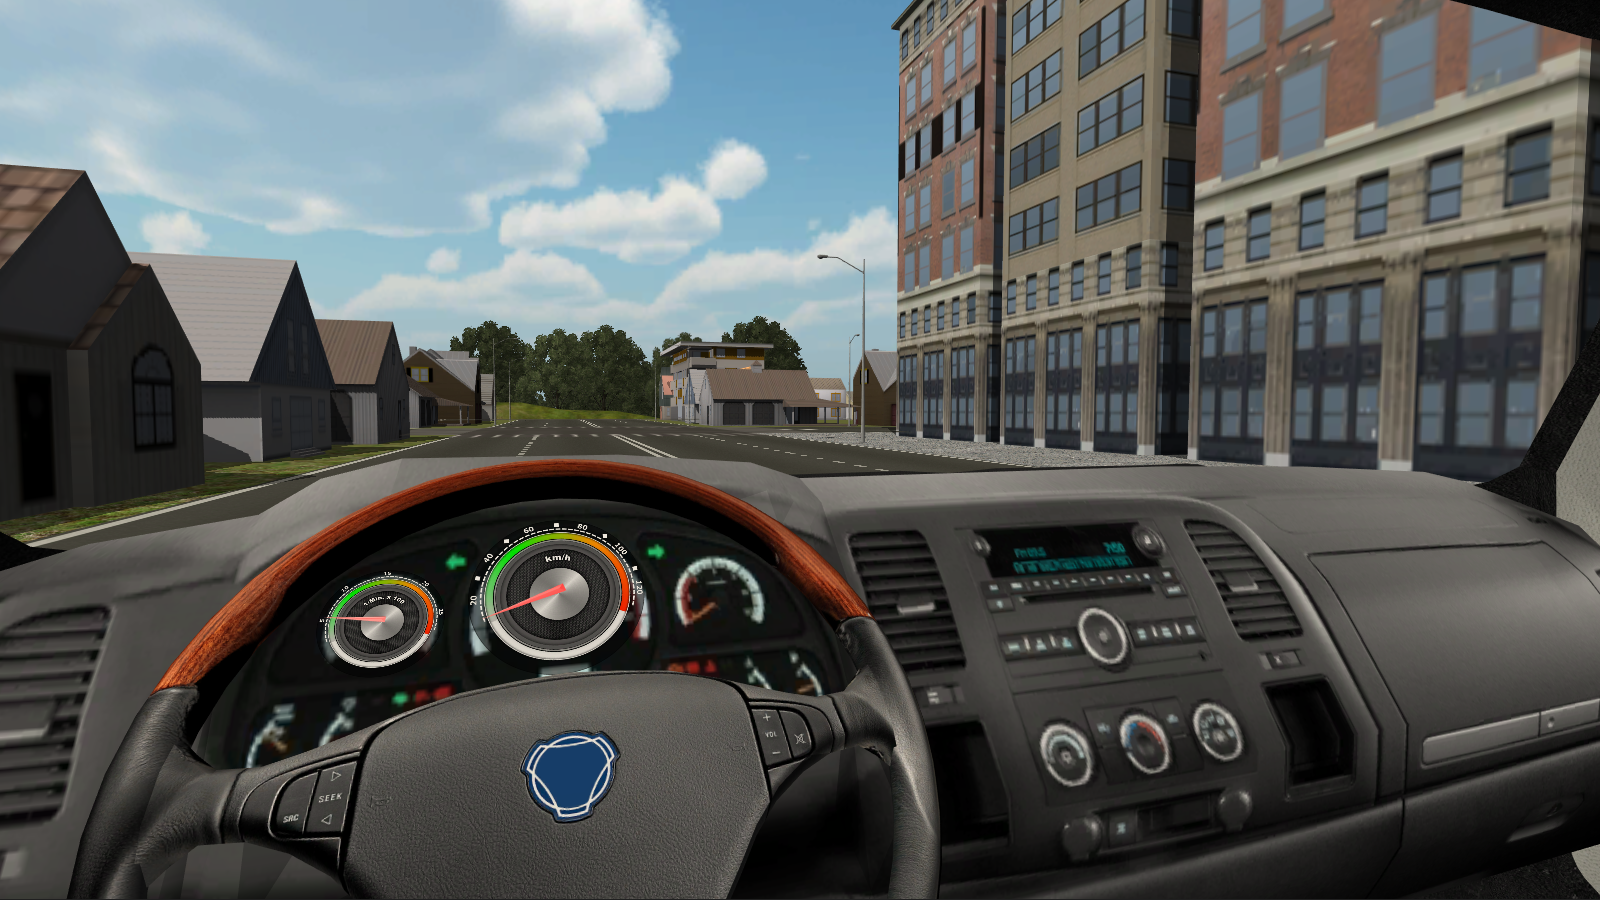 lkw simulator online